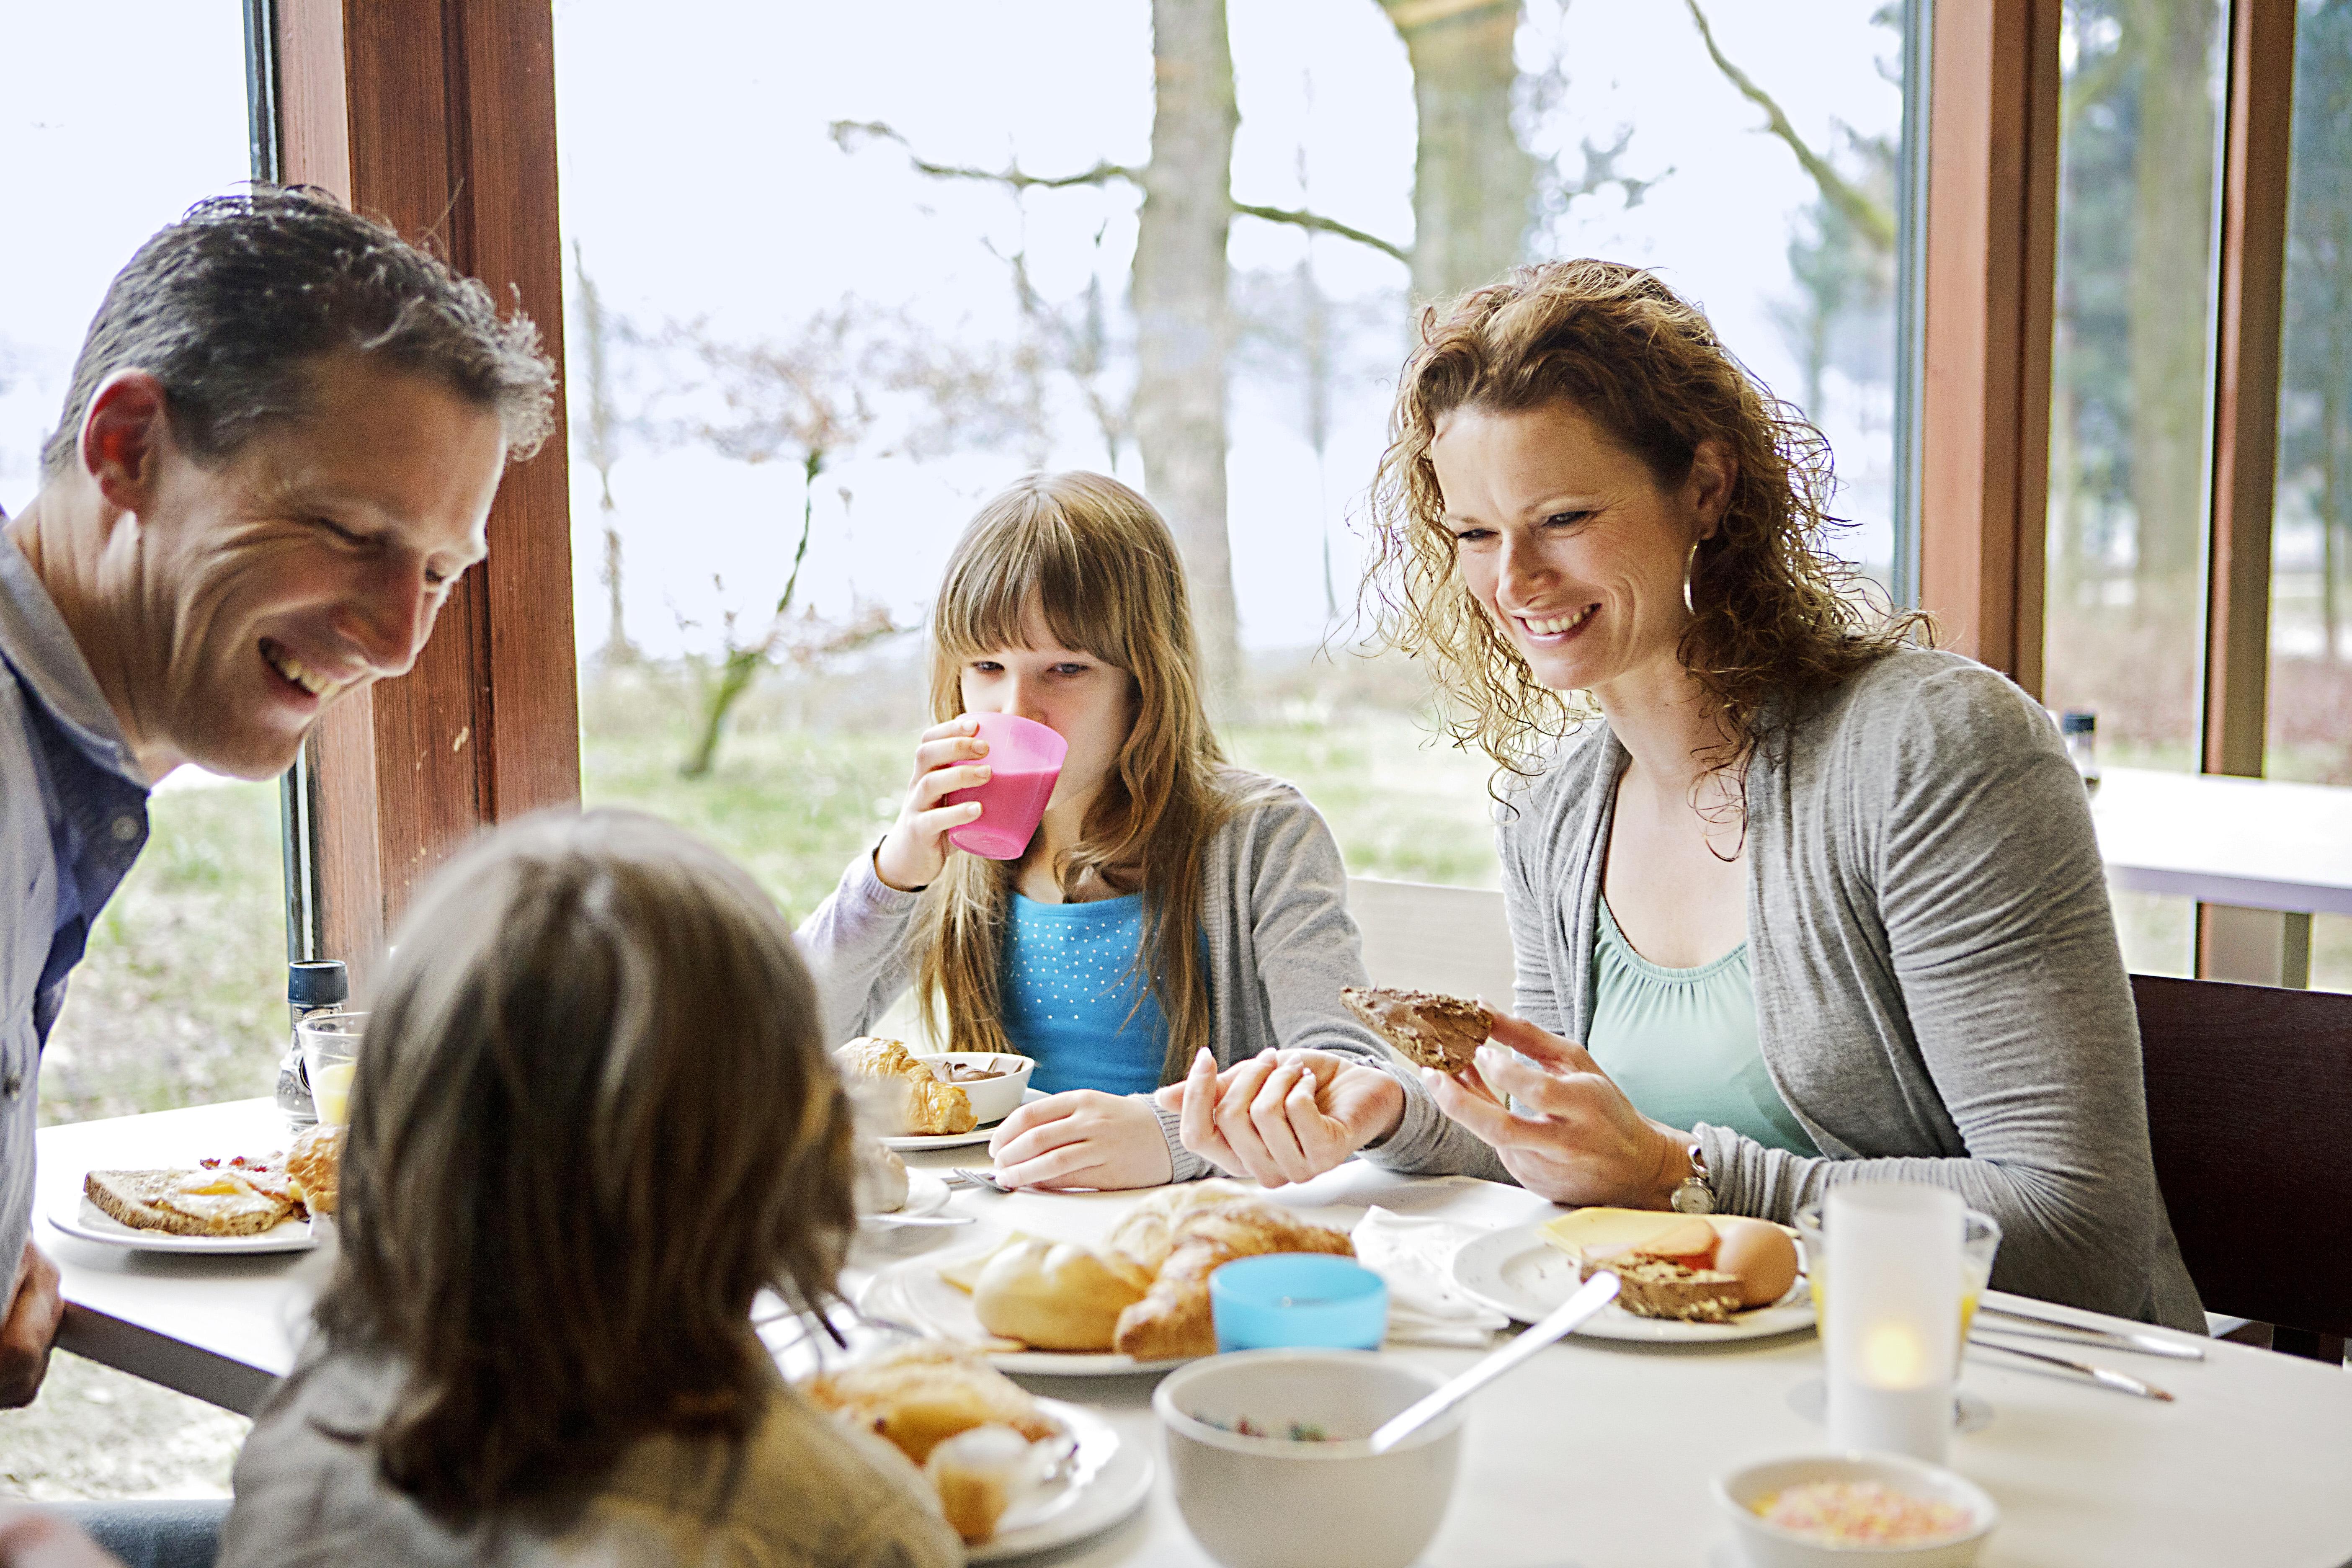 Ferienhaus Center Parcs Het Heijderbos - cottage Premium 8 persons (2639161), Heijen, Noord-Limburg, Limburg (NL), Niederlande, Bild 5